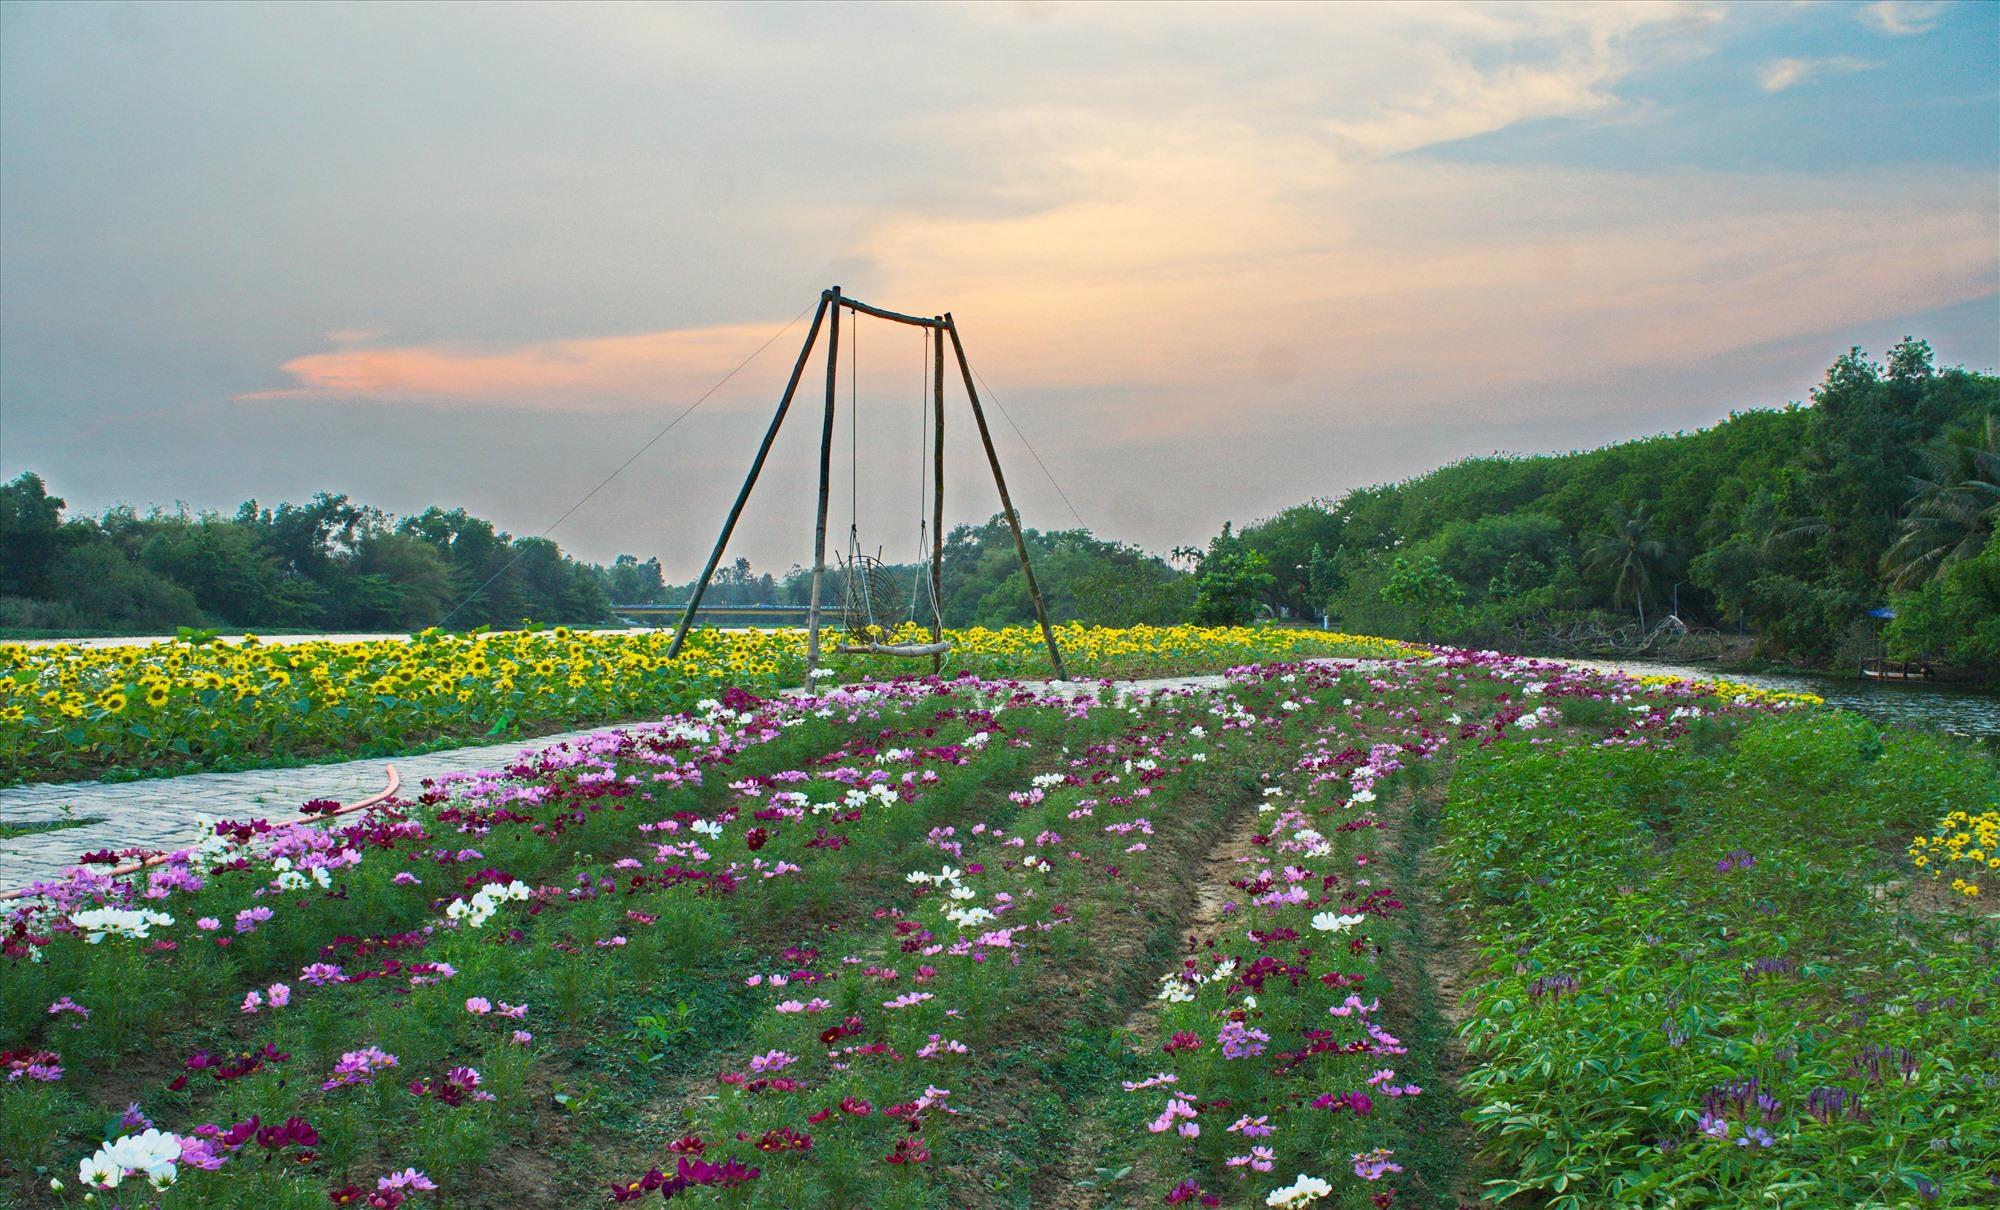 Xích đu được xây dựng giữa vườn hoa tạo điều kiện để du khách check-in. Ảnh: N.ĐIỆN NGỌC